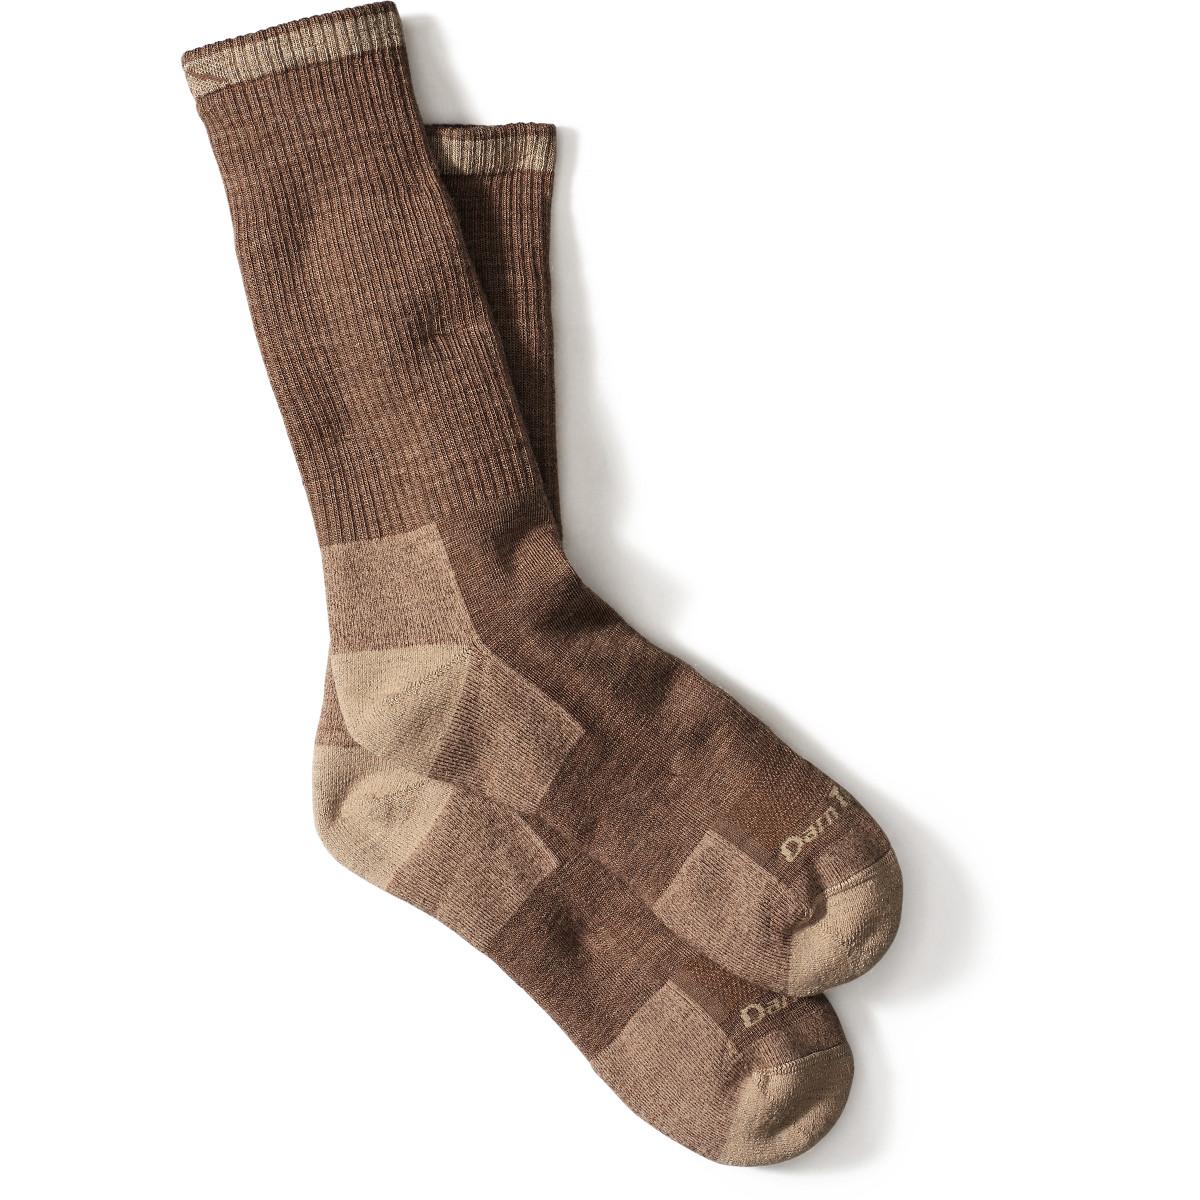 Darn Tough John Henry Boot Cushion - Sand